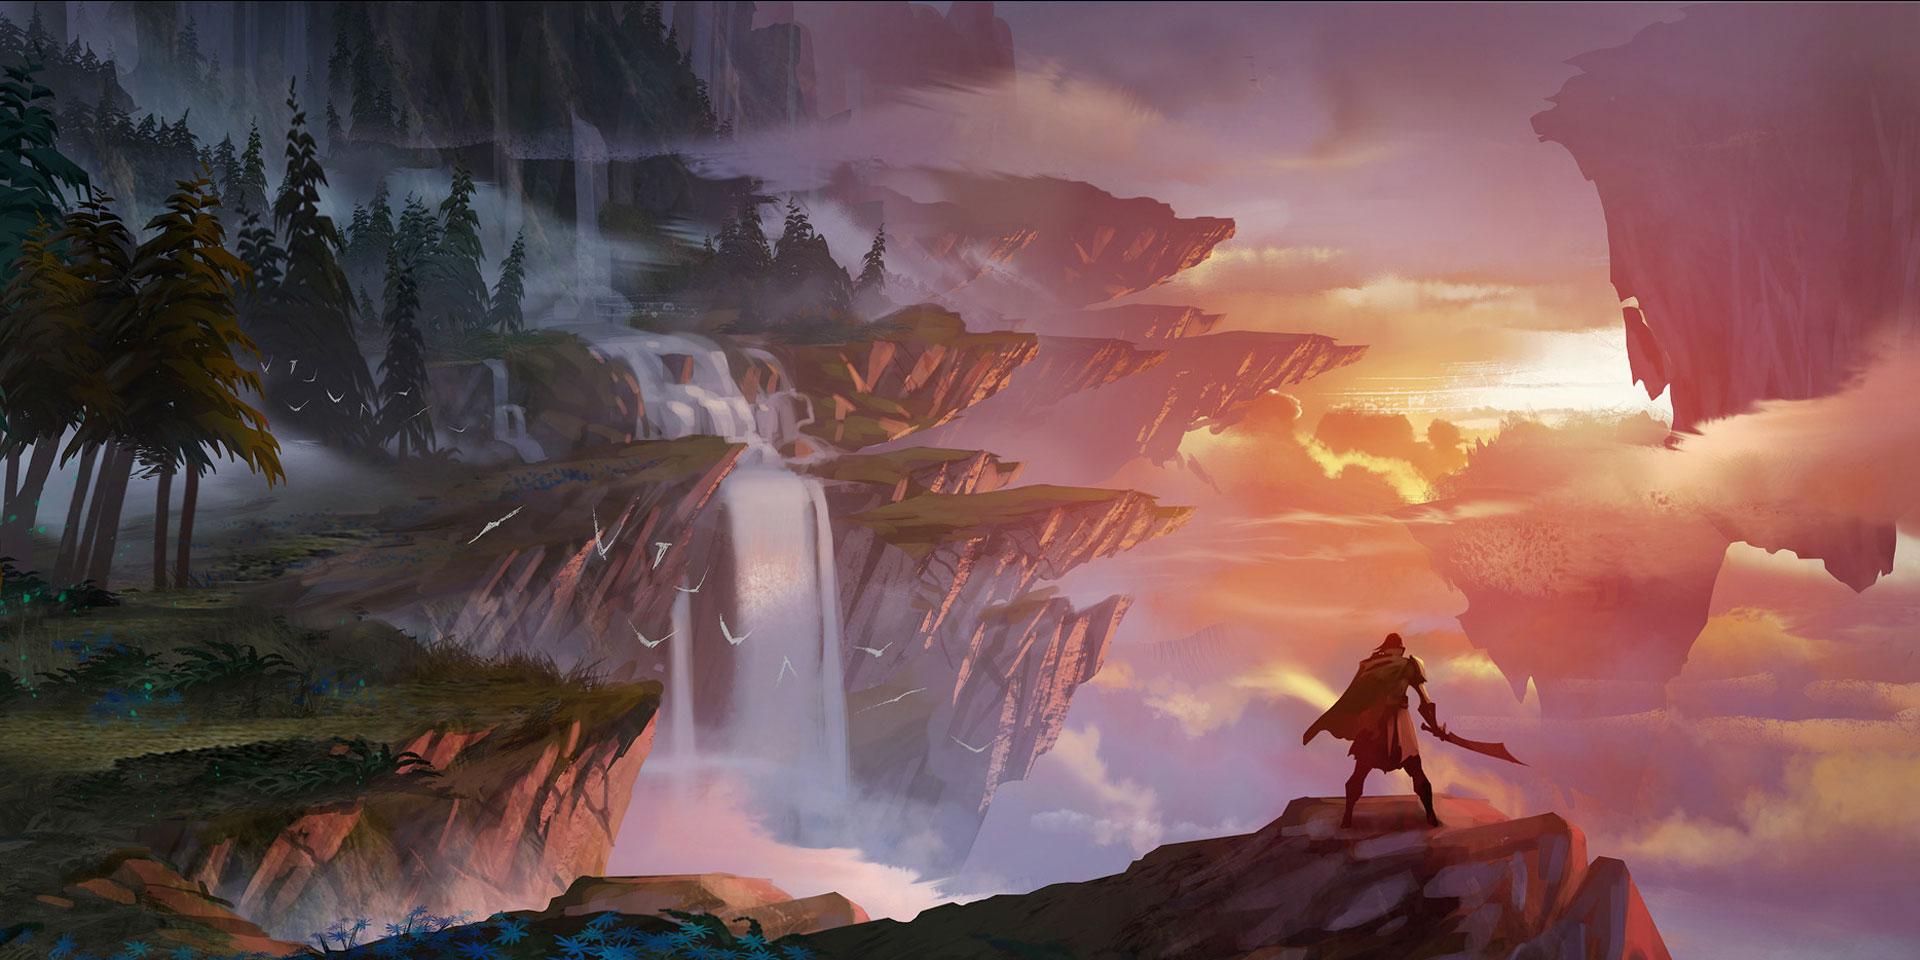 仲間と一緒に巨獣と戦う co-op アクションゲーム『Dauntless』